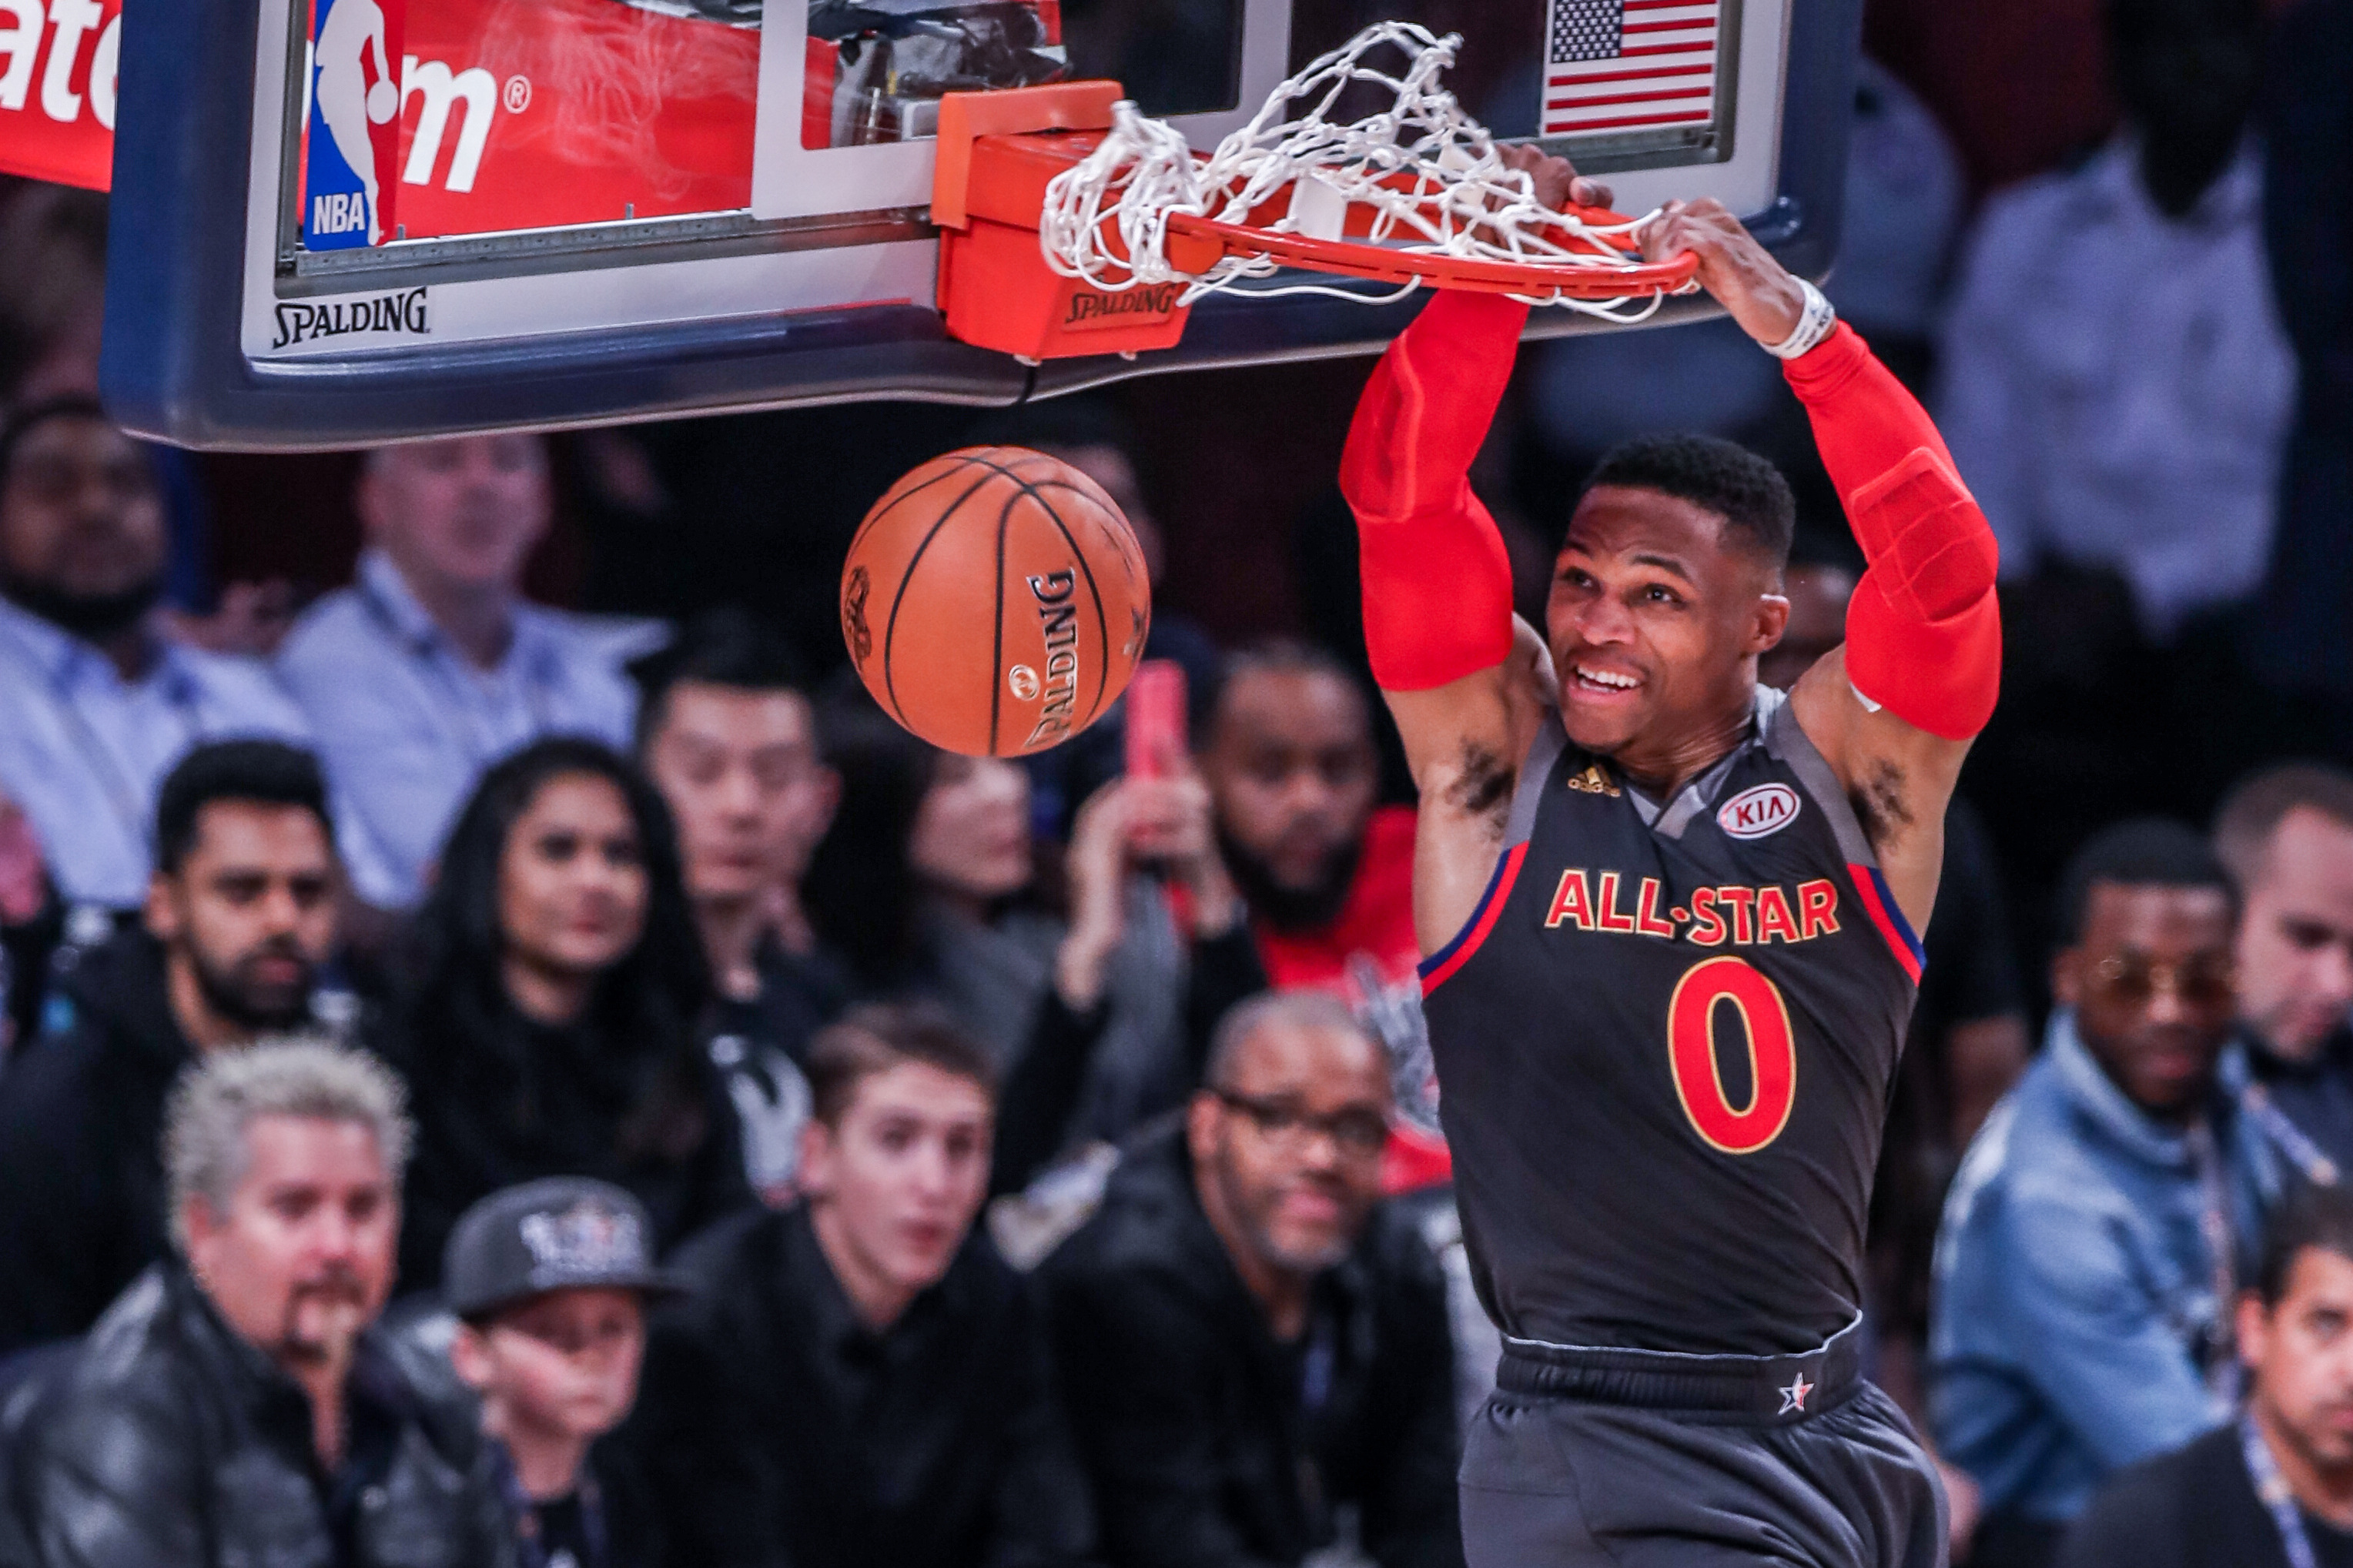 How to Buy NBA All-Star 2019 Tickets - social.quintevents.com